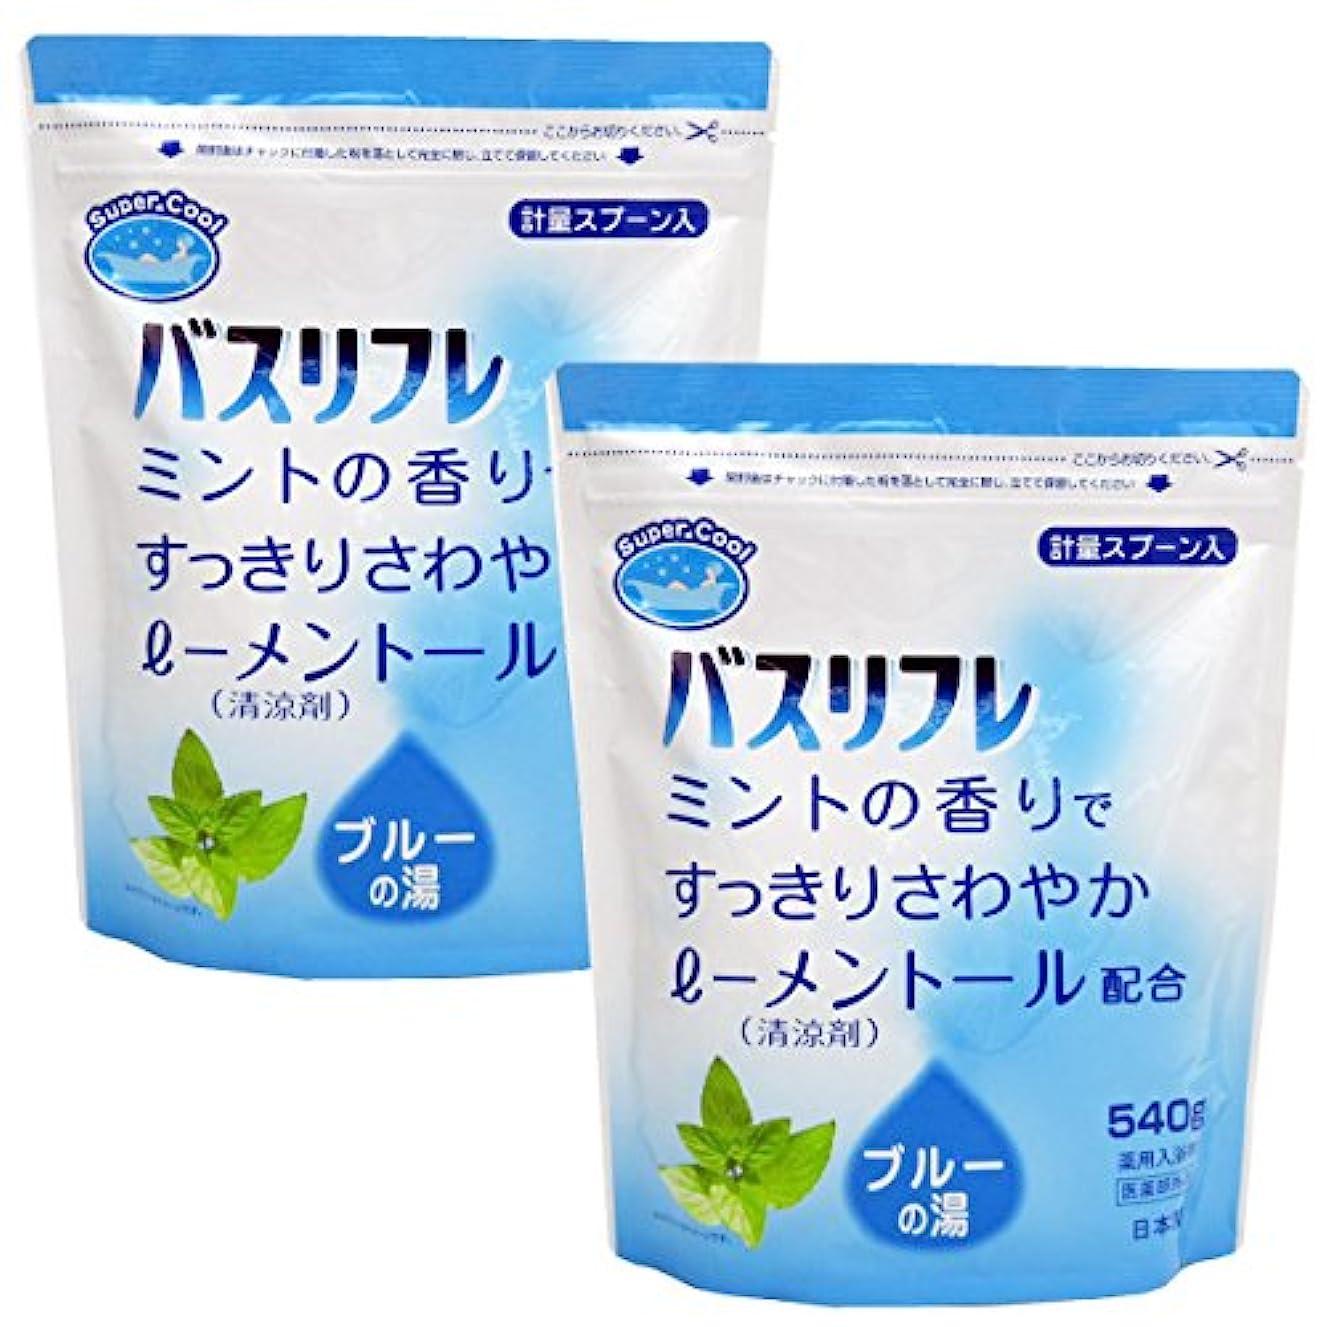 ニュージーランド正確さ空中入浴剤 クール 薬用入浴剤 バスリフレ スーパークール540g×2個セット 日本製